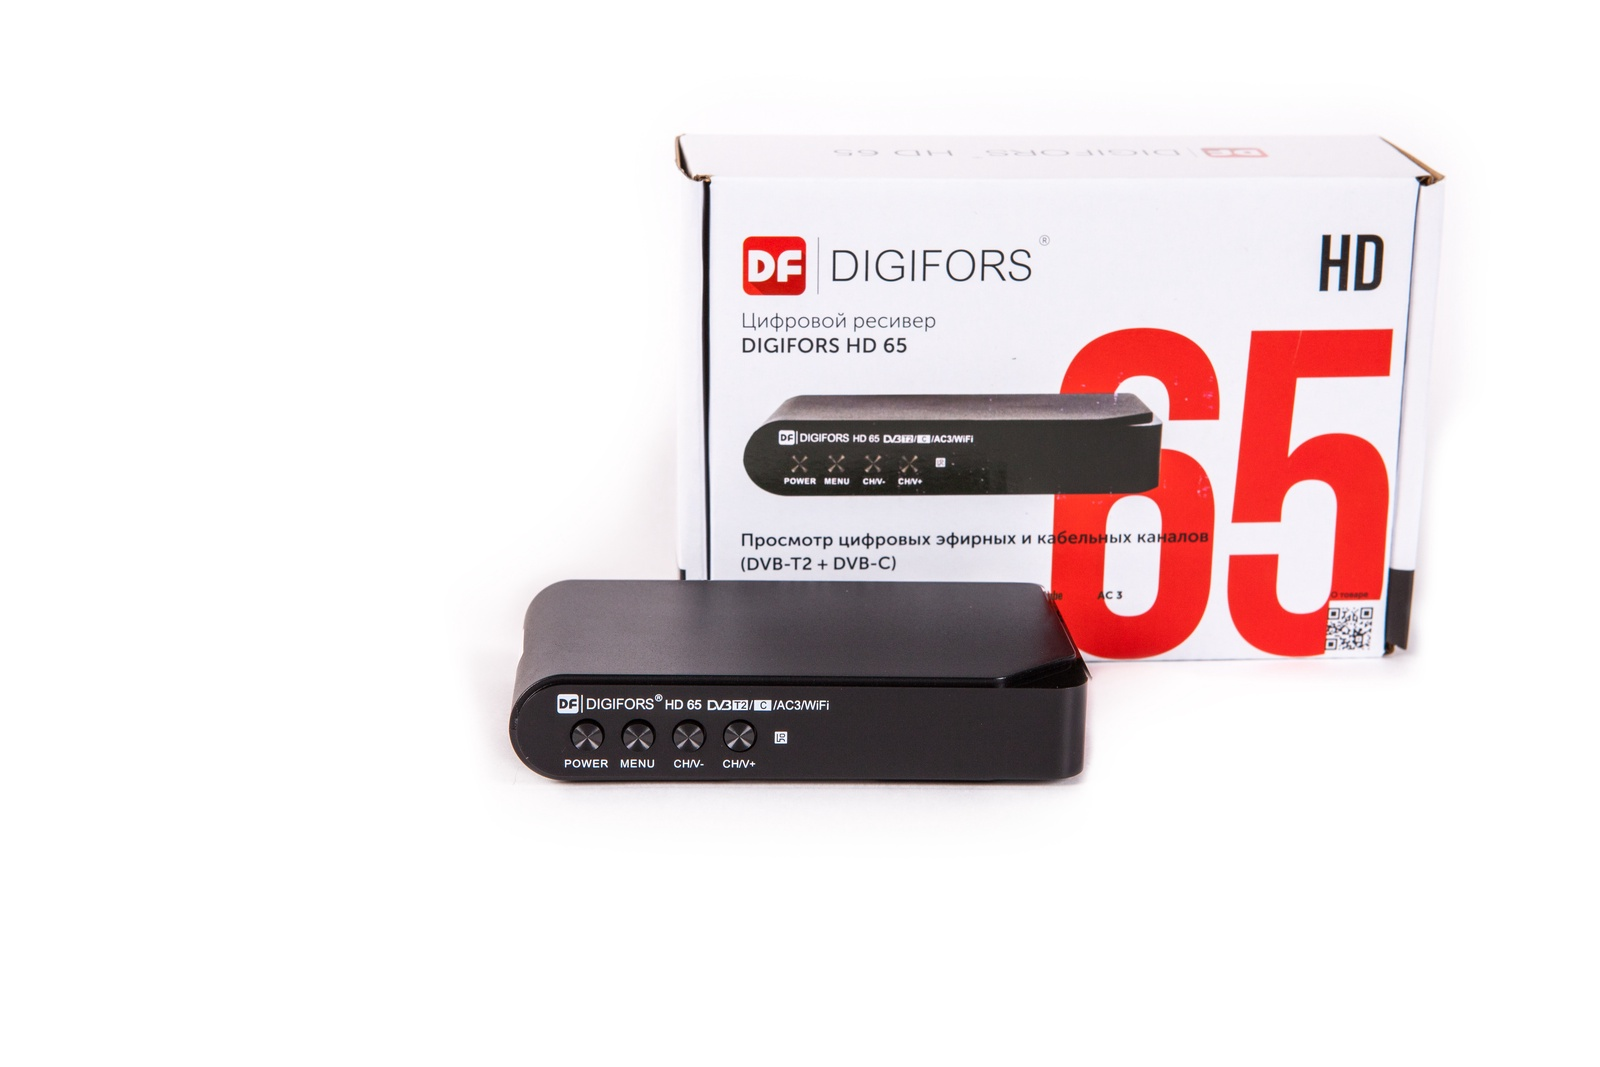 Цифровой эфирный DVB-T2/DVB-C ресивер с мультимедиа DIGIFORS HD 65